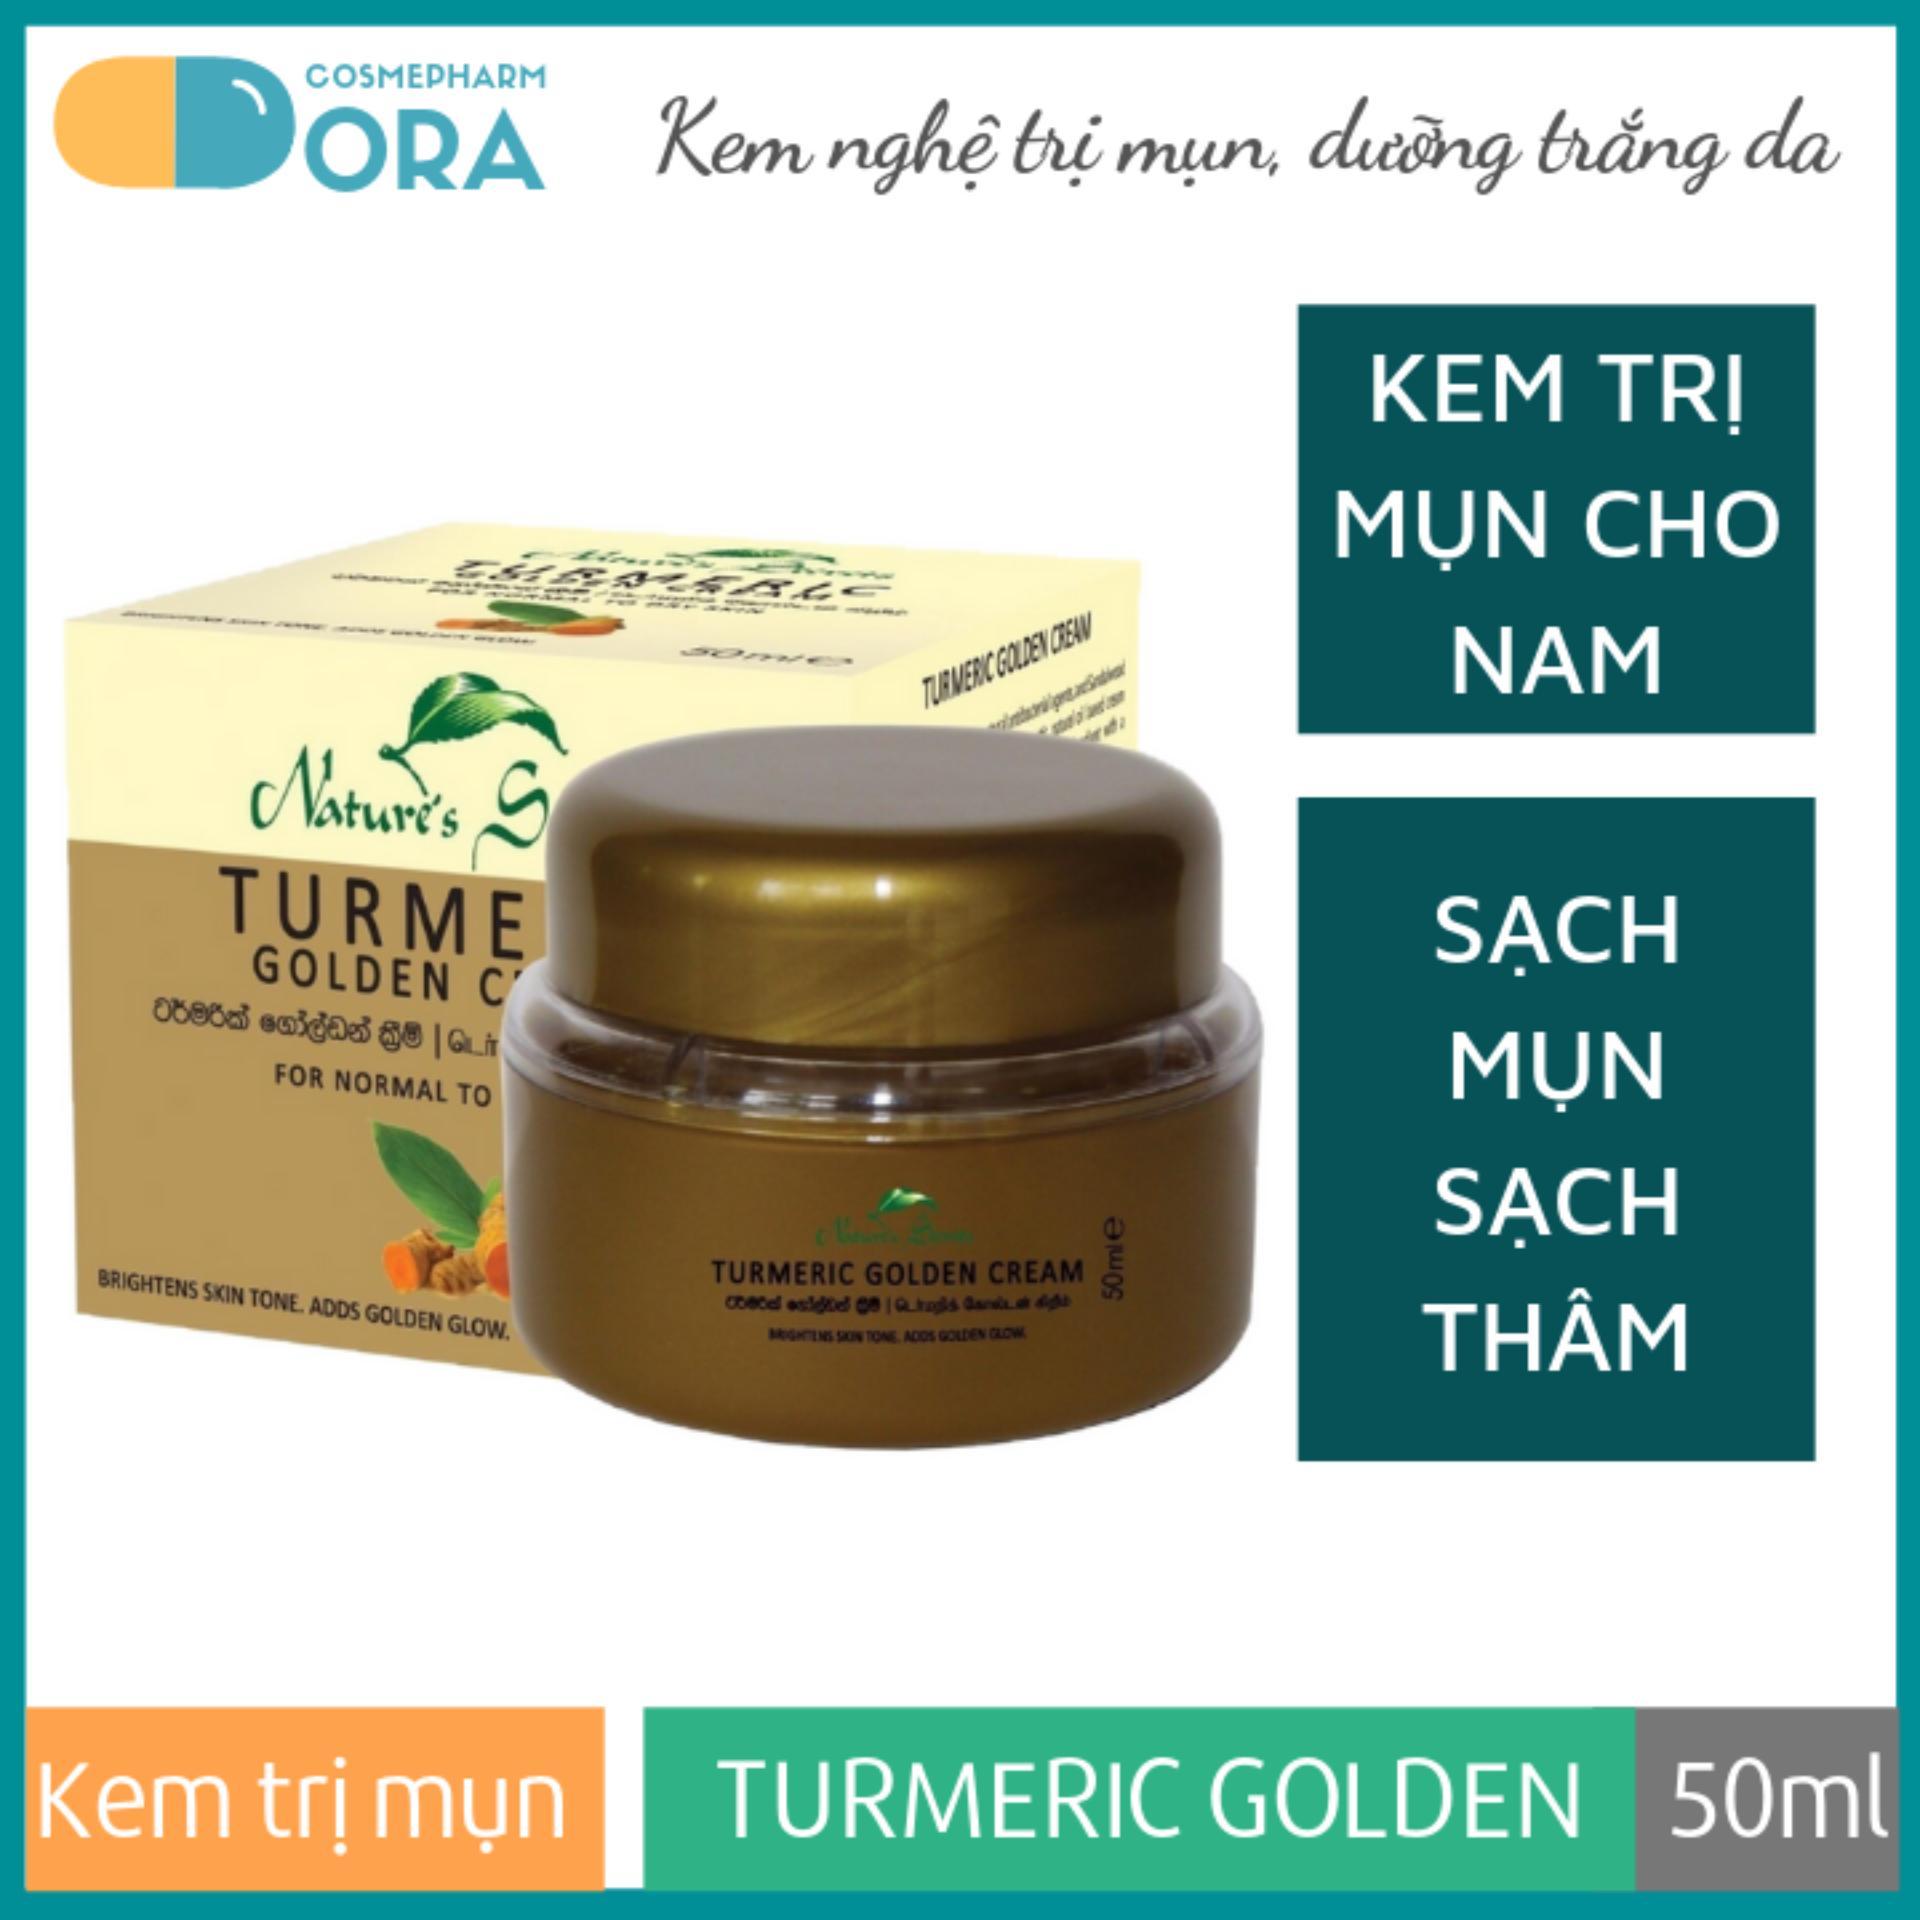 Kem nghệ ngừa mụn thâm và dưỡng trắng da cho nam Turmeric Golden Cream 50ml